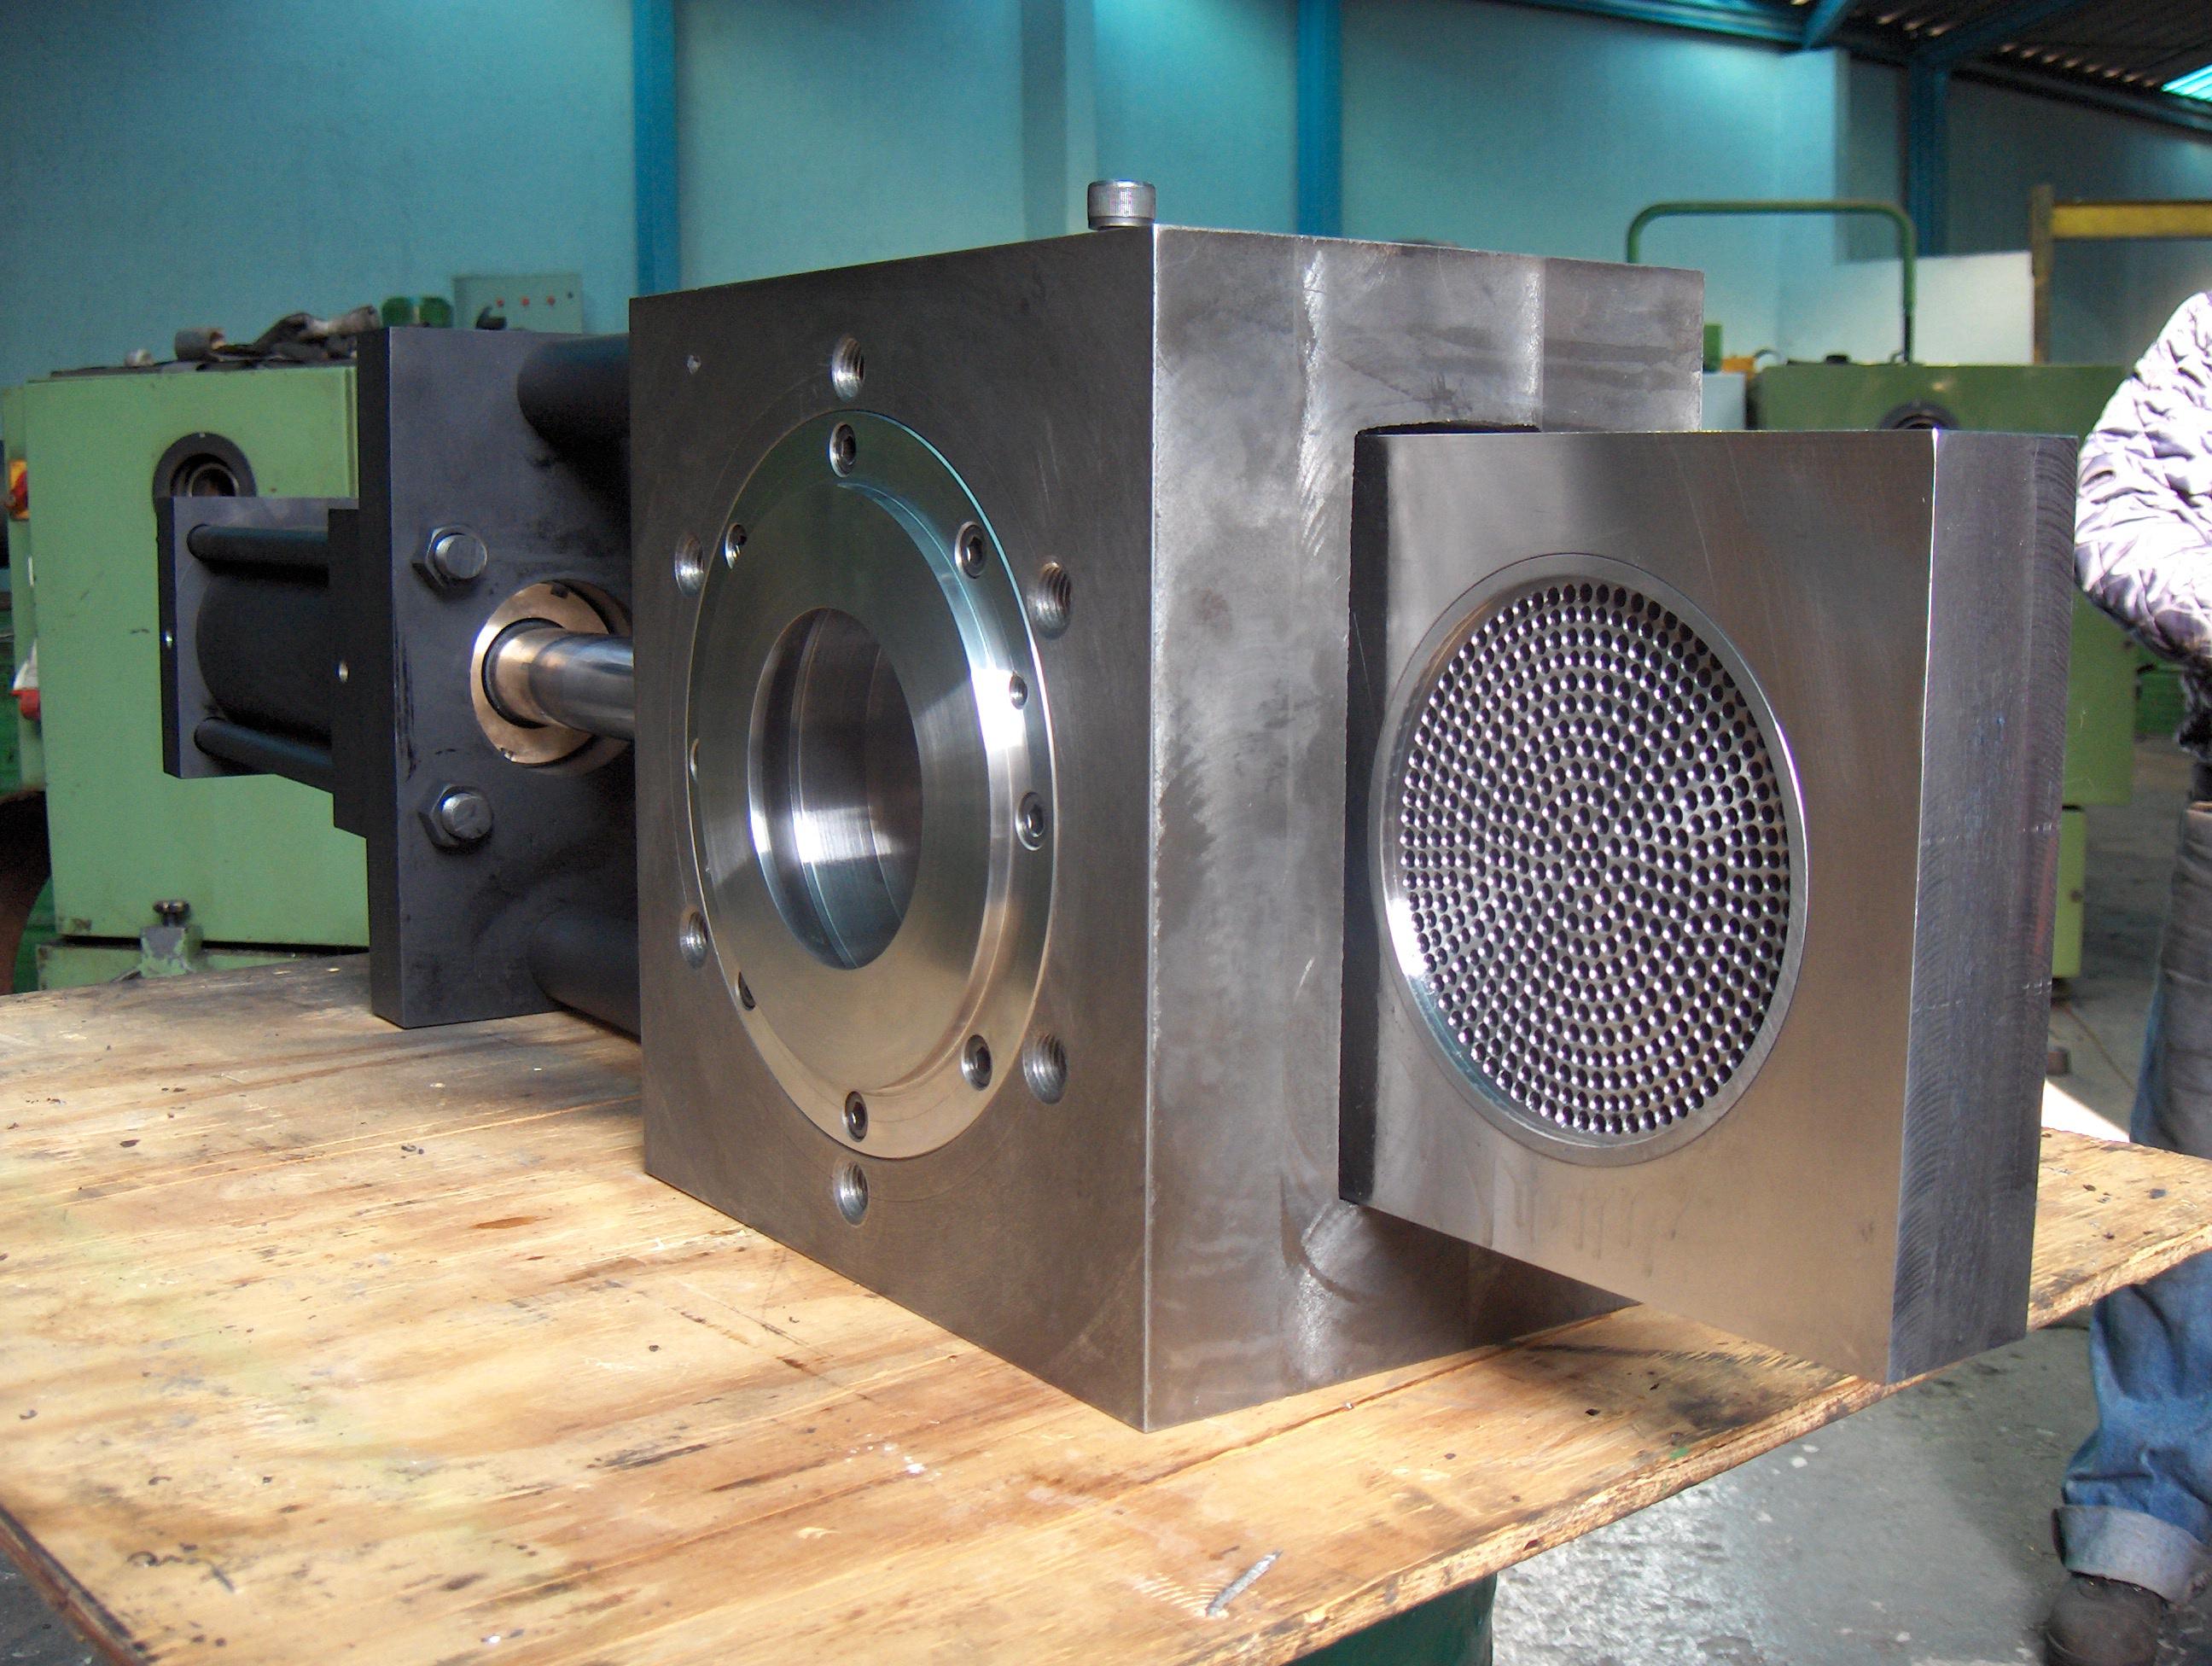 cambiador de filtros hidraulico 011